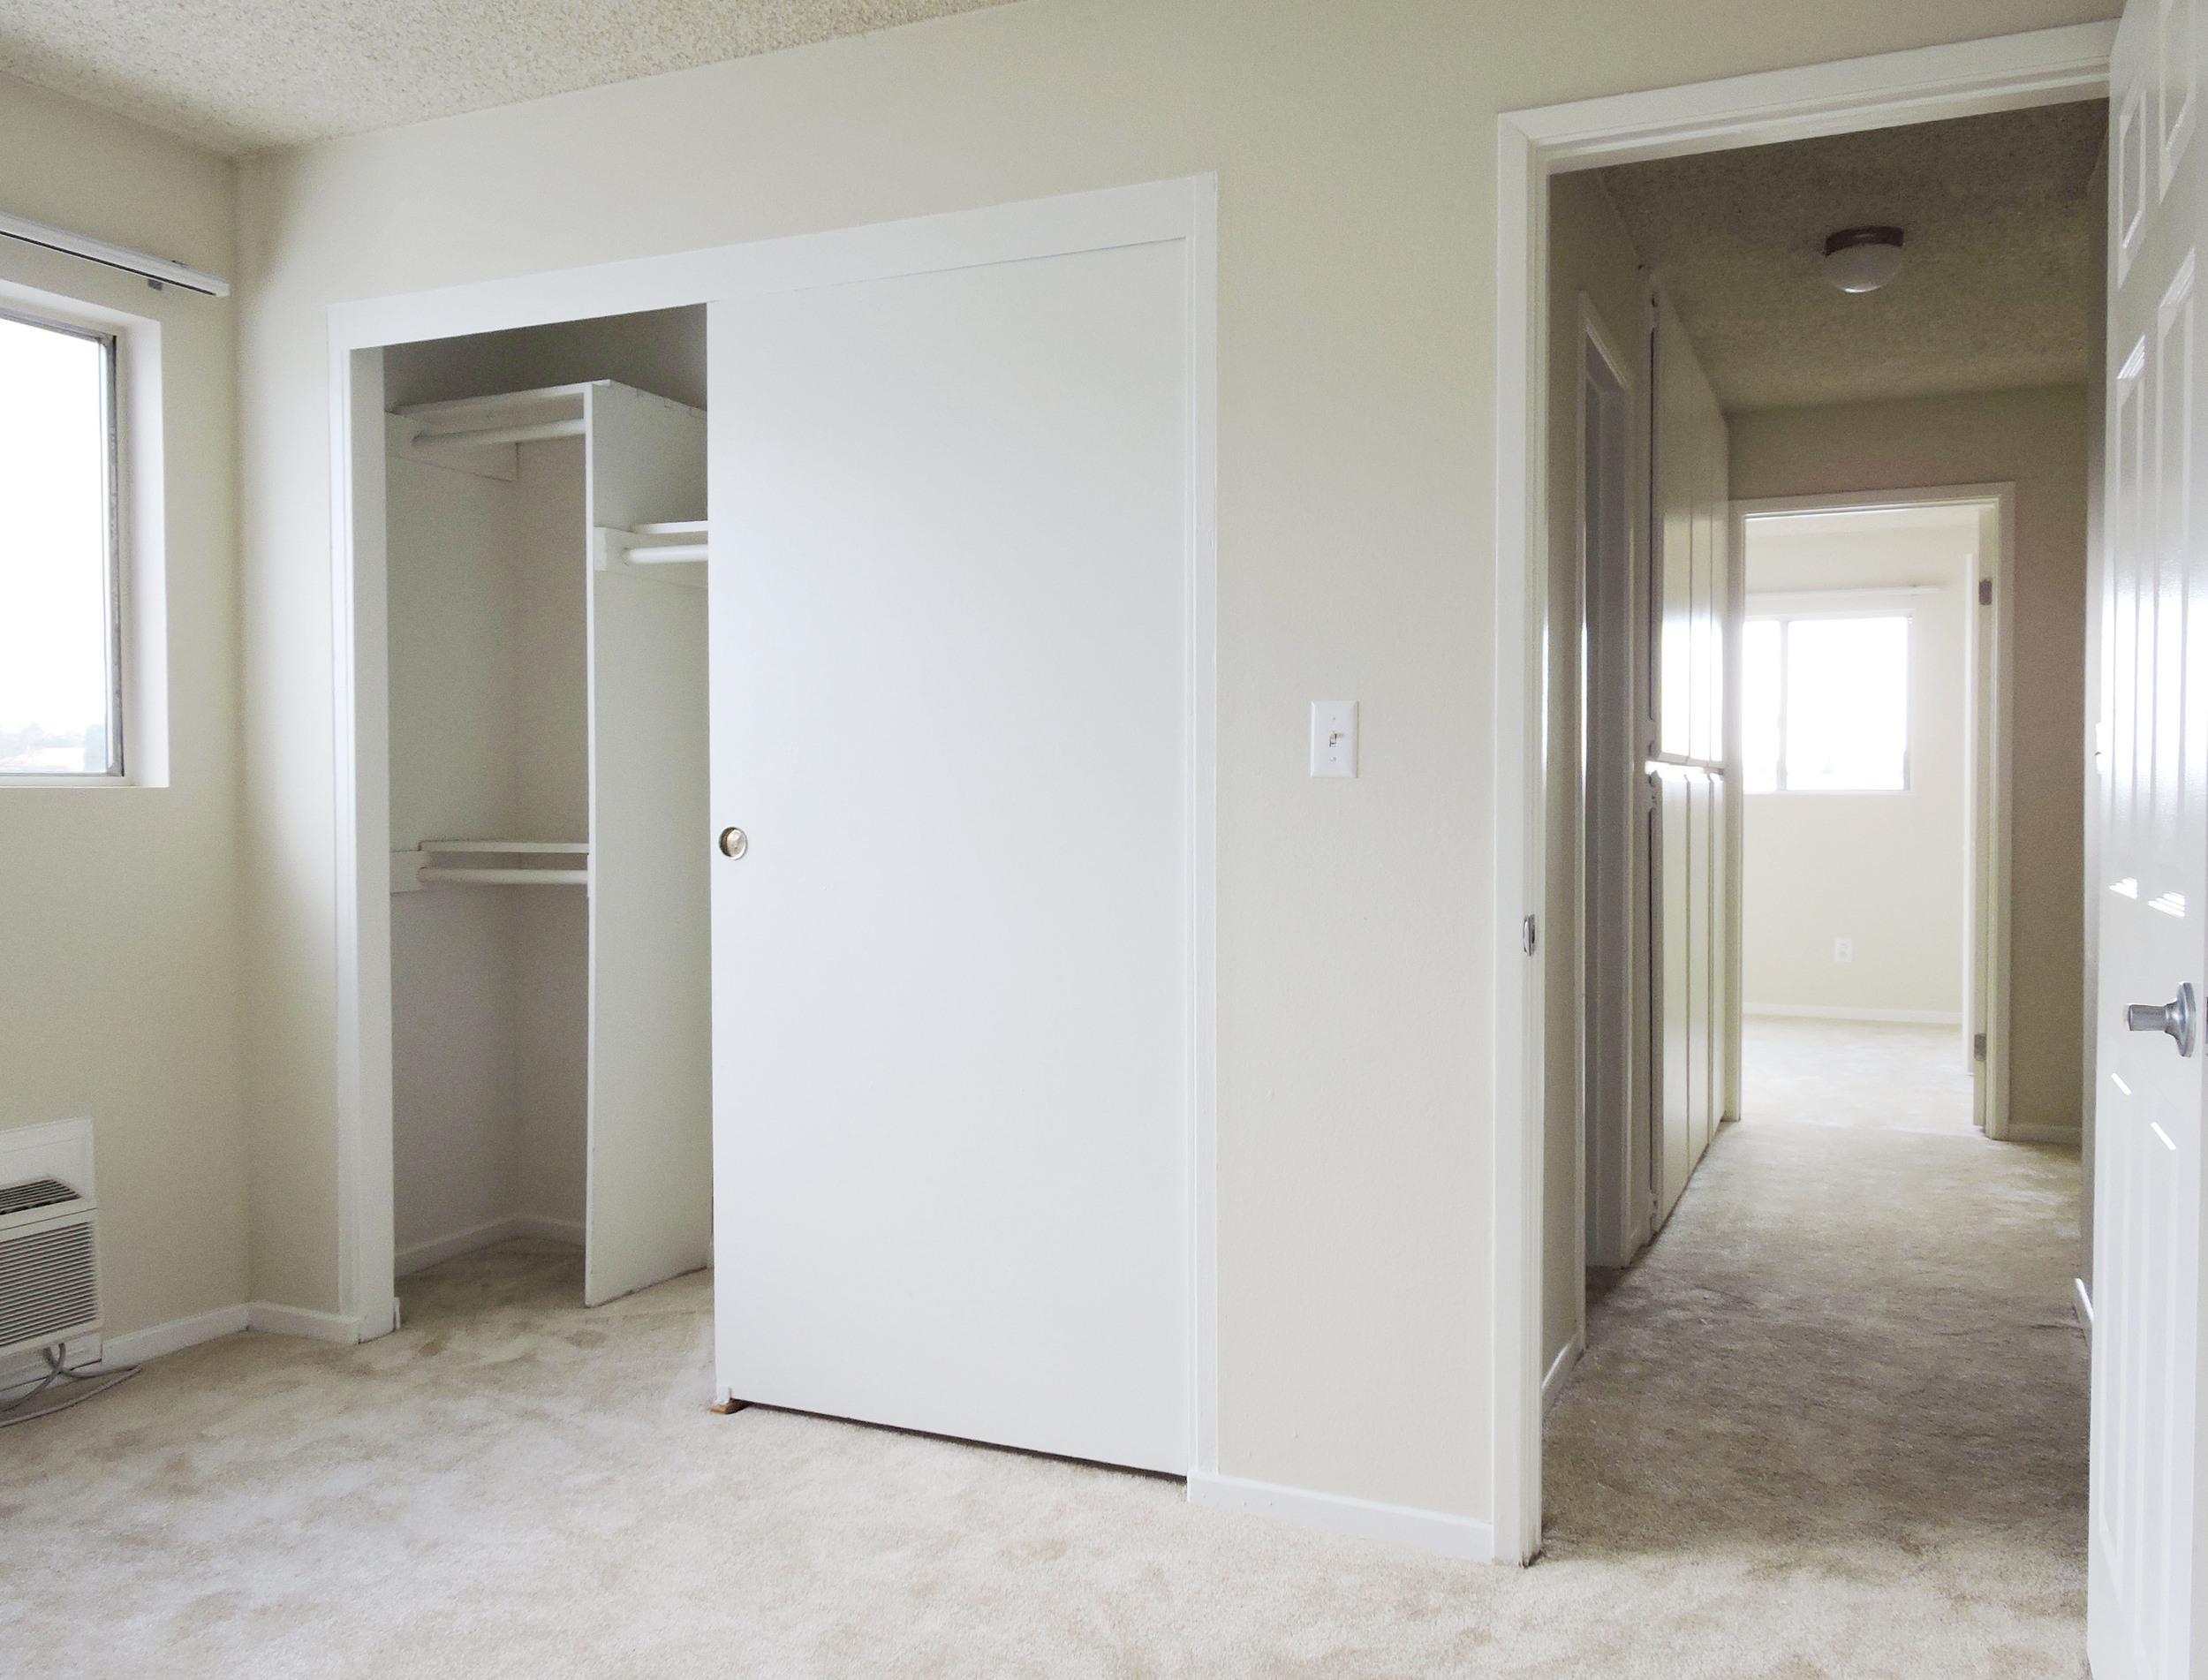 233 bedroom layout.jpg